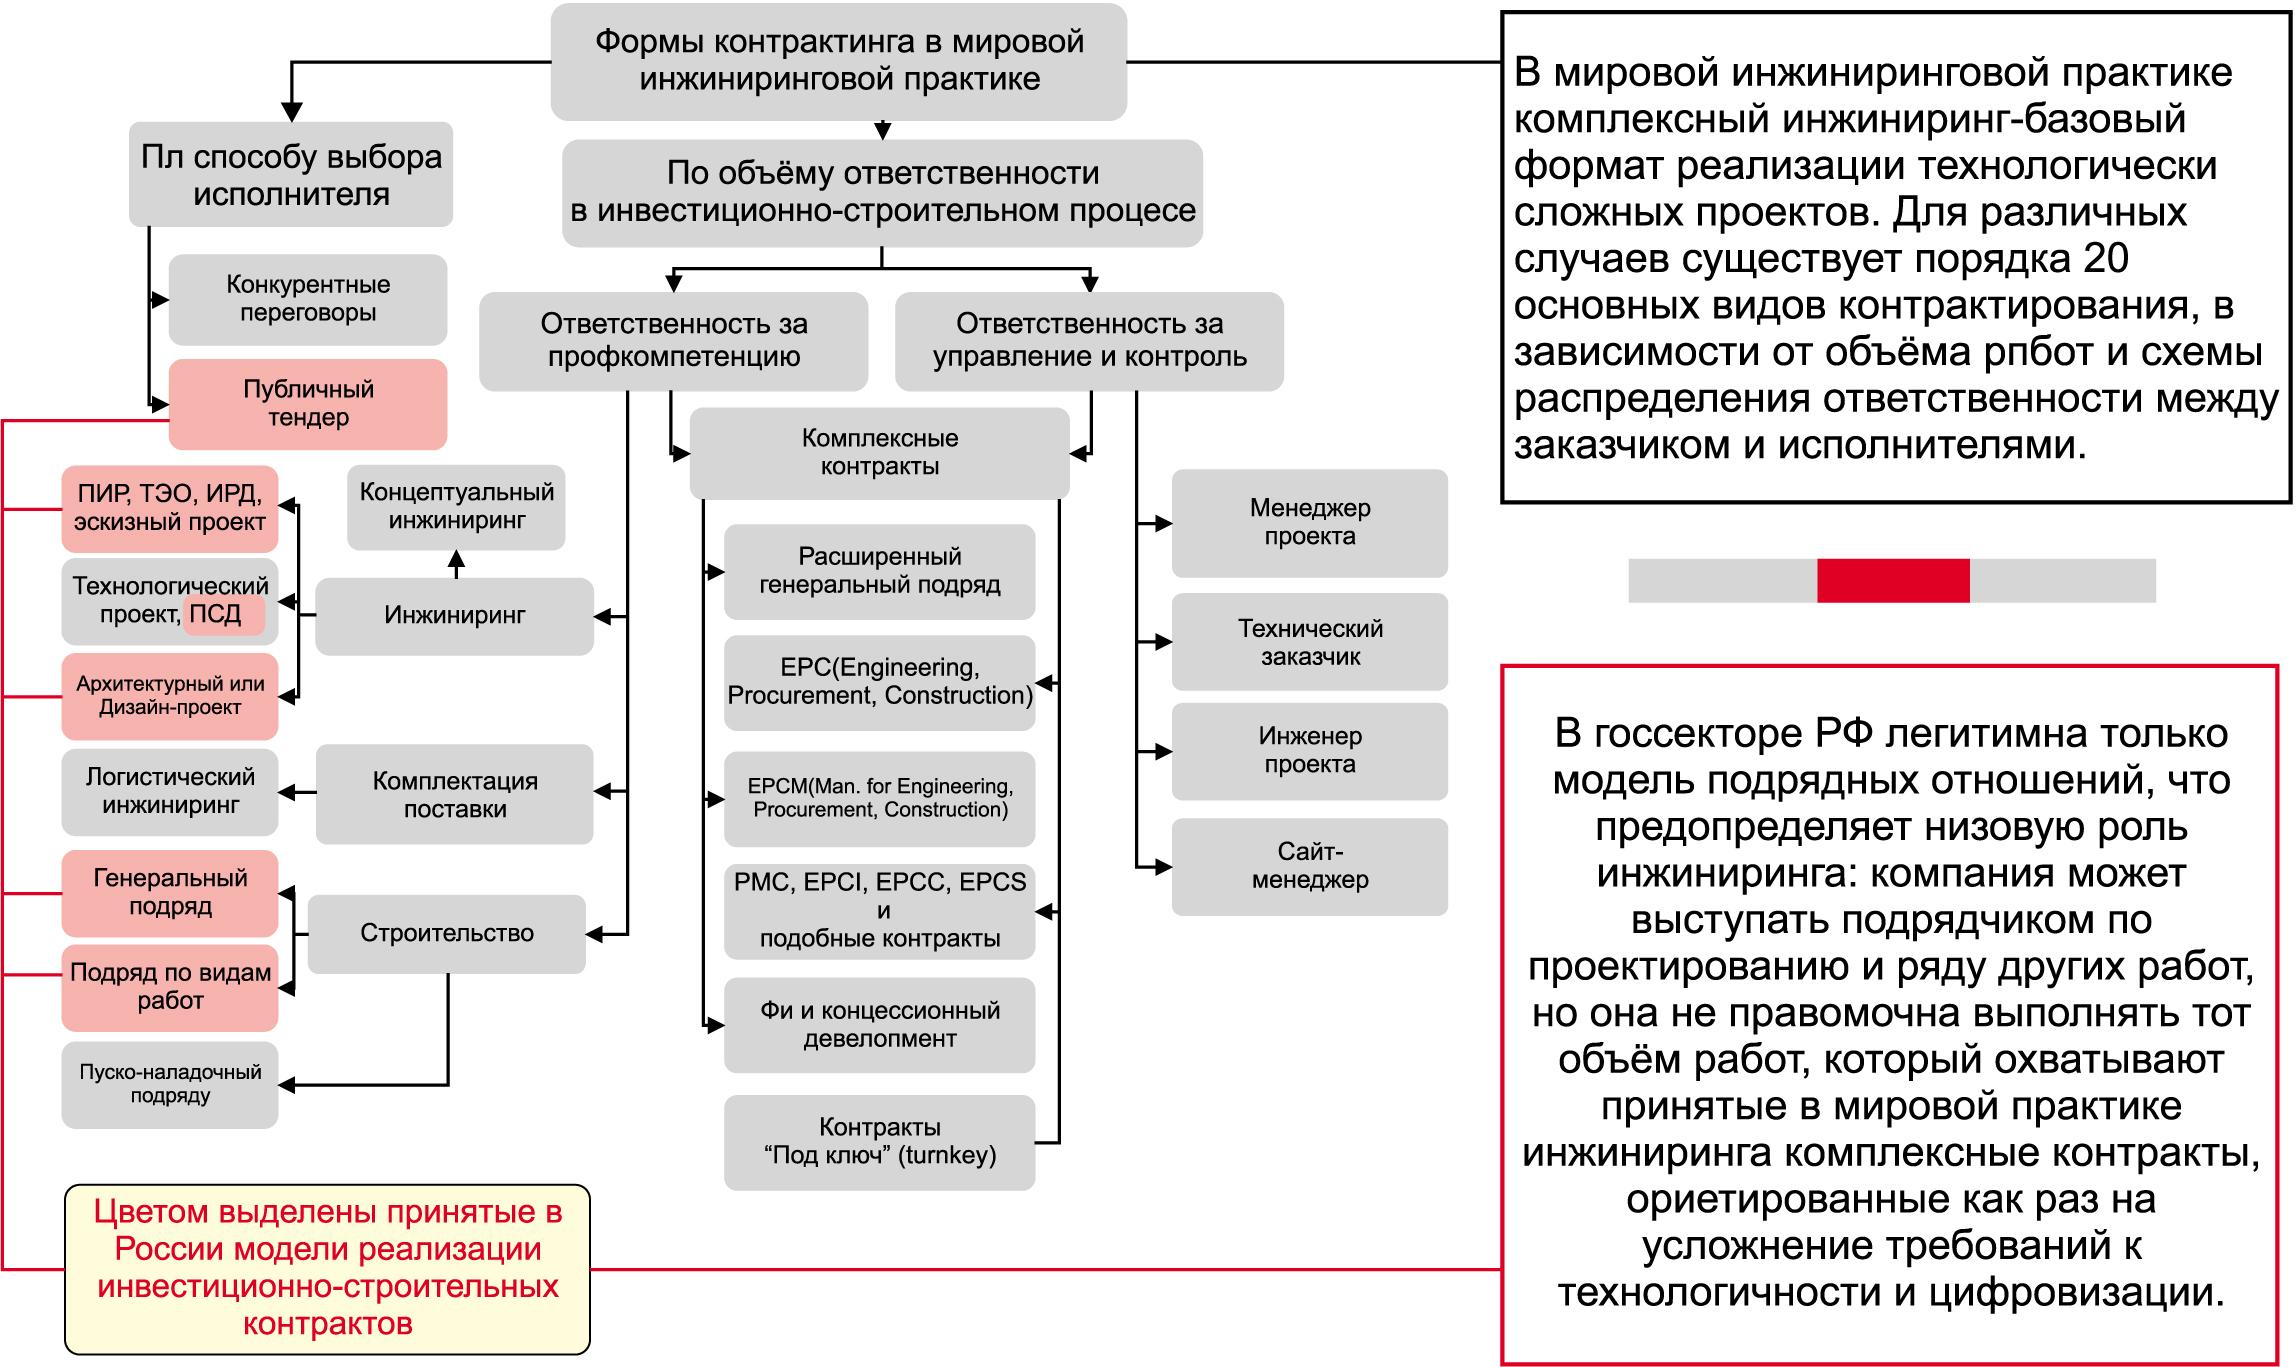 Различие принятых форматов промышленного инжиниринга в России и мире